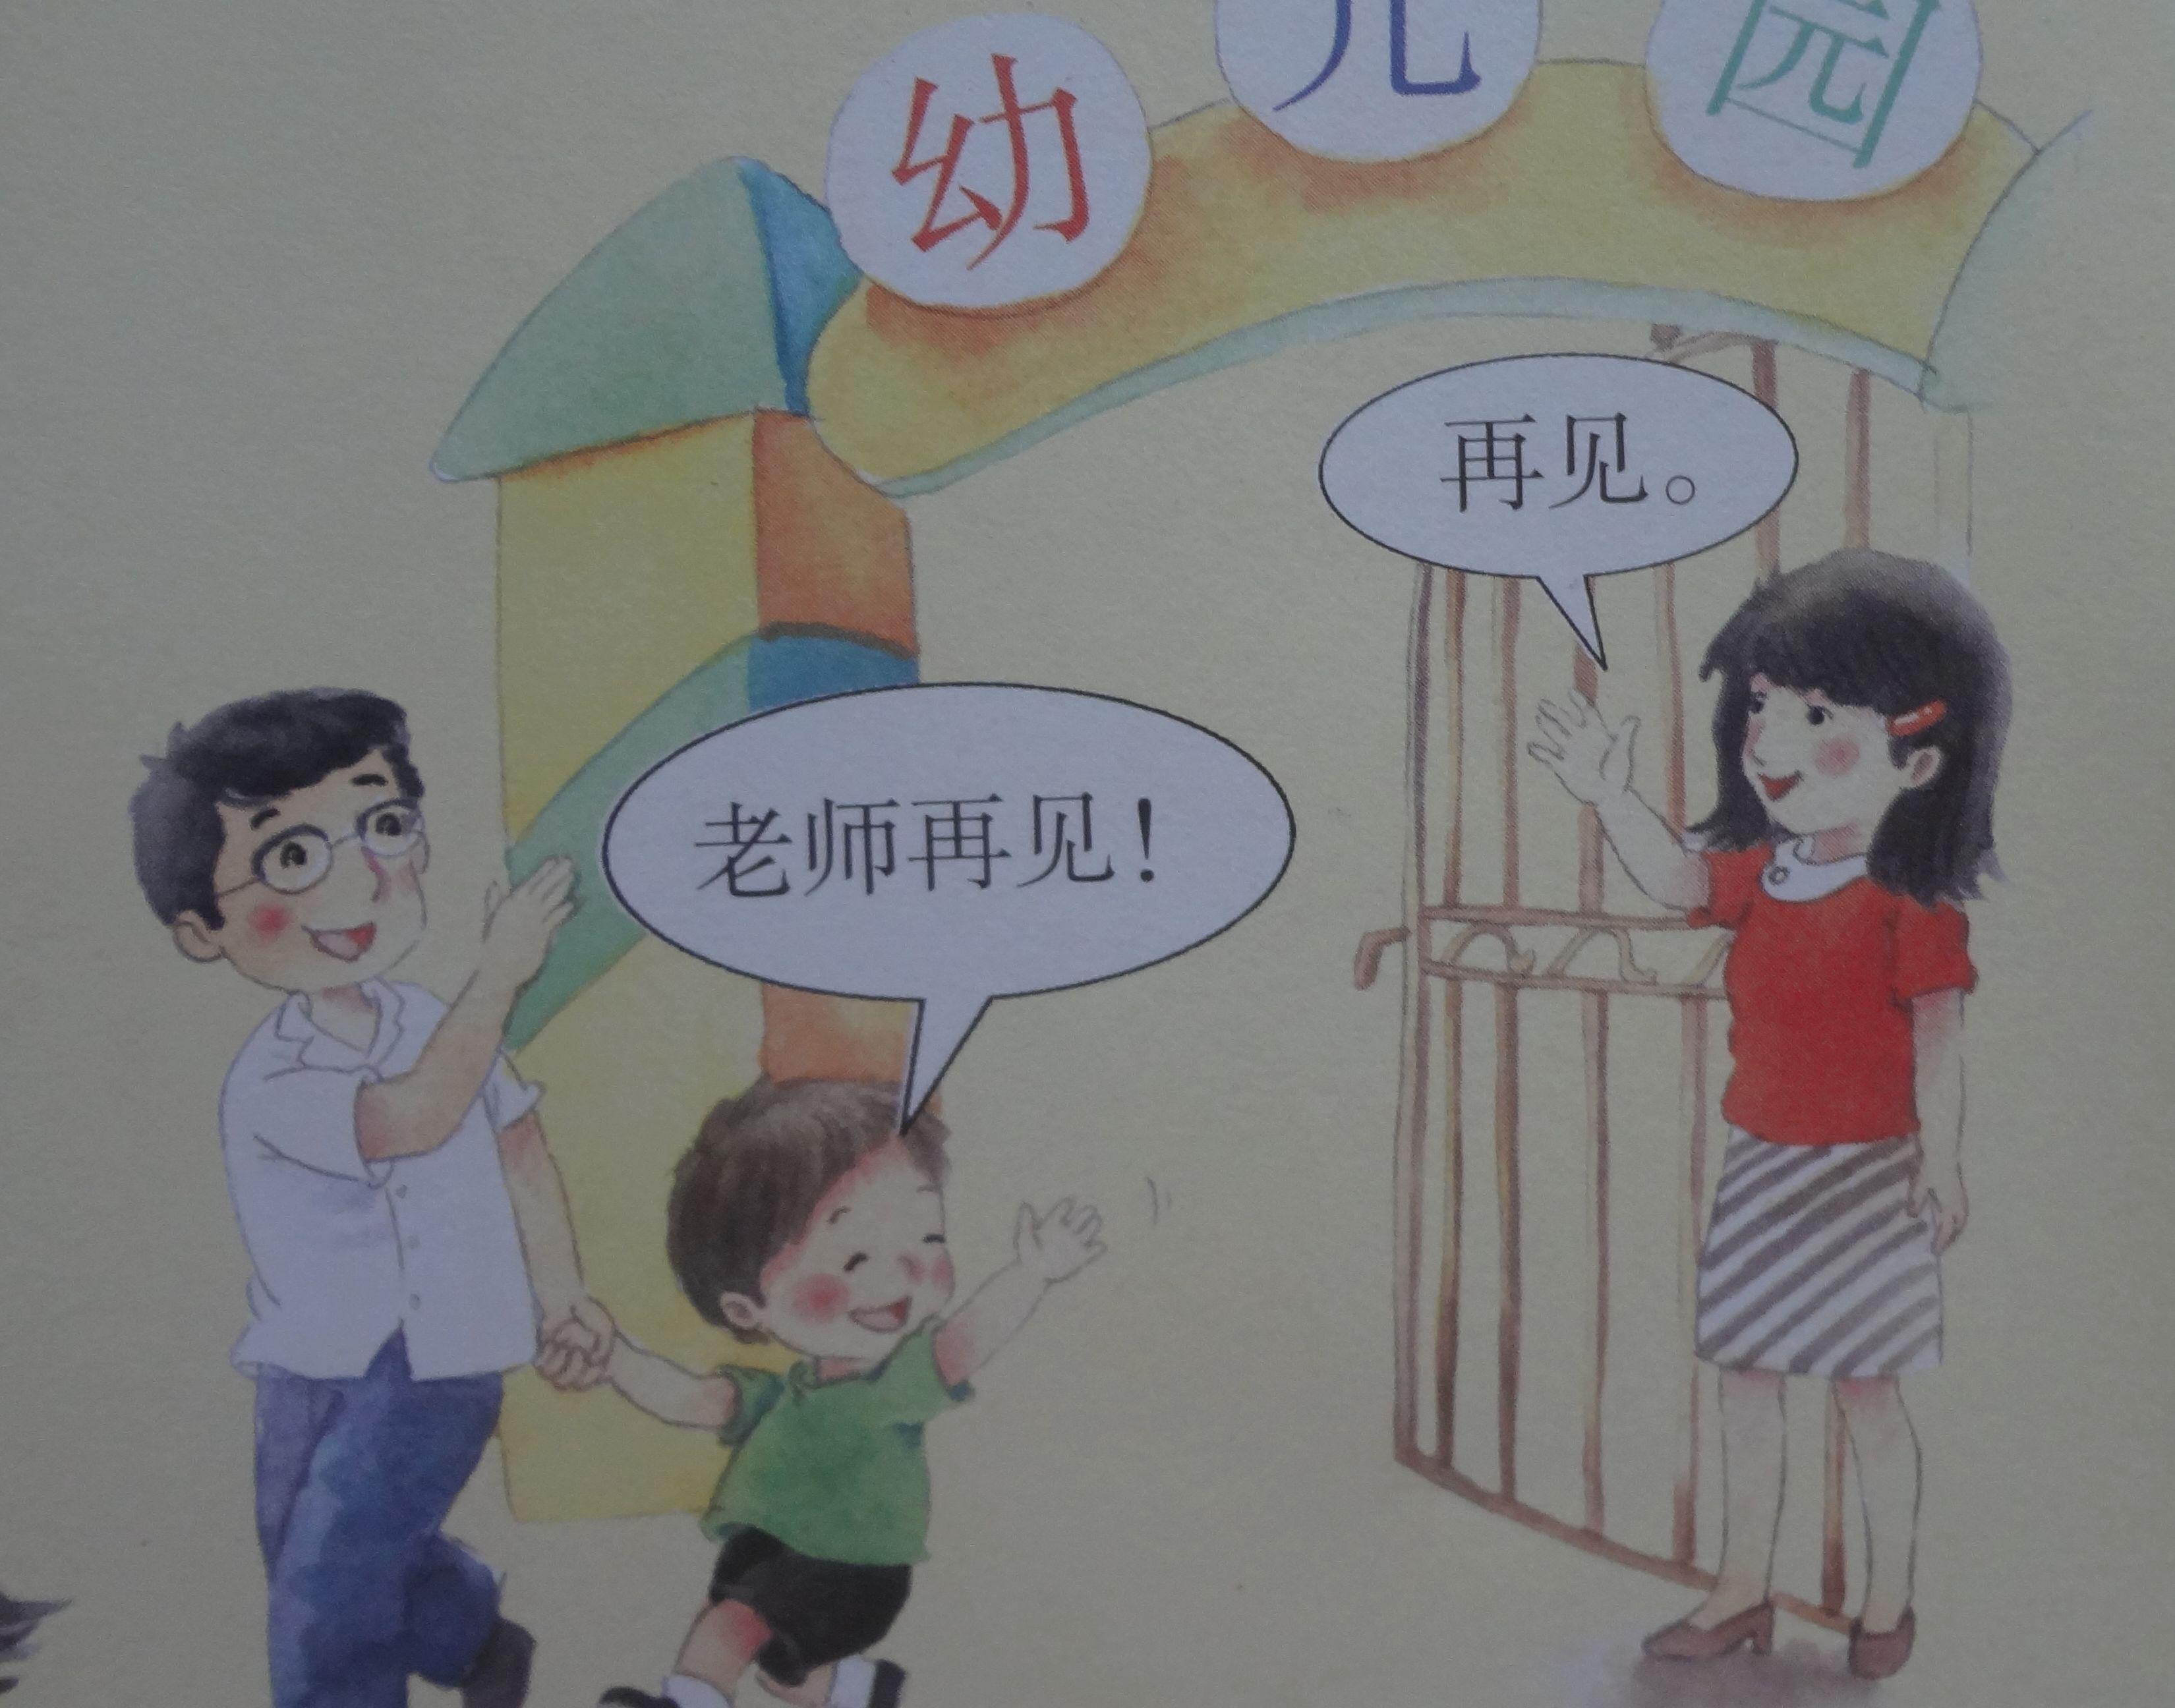 幼儿园 老师 礼貌用语图片_画画大全